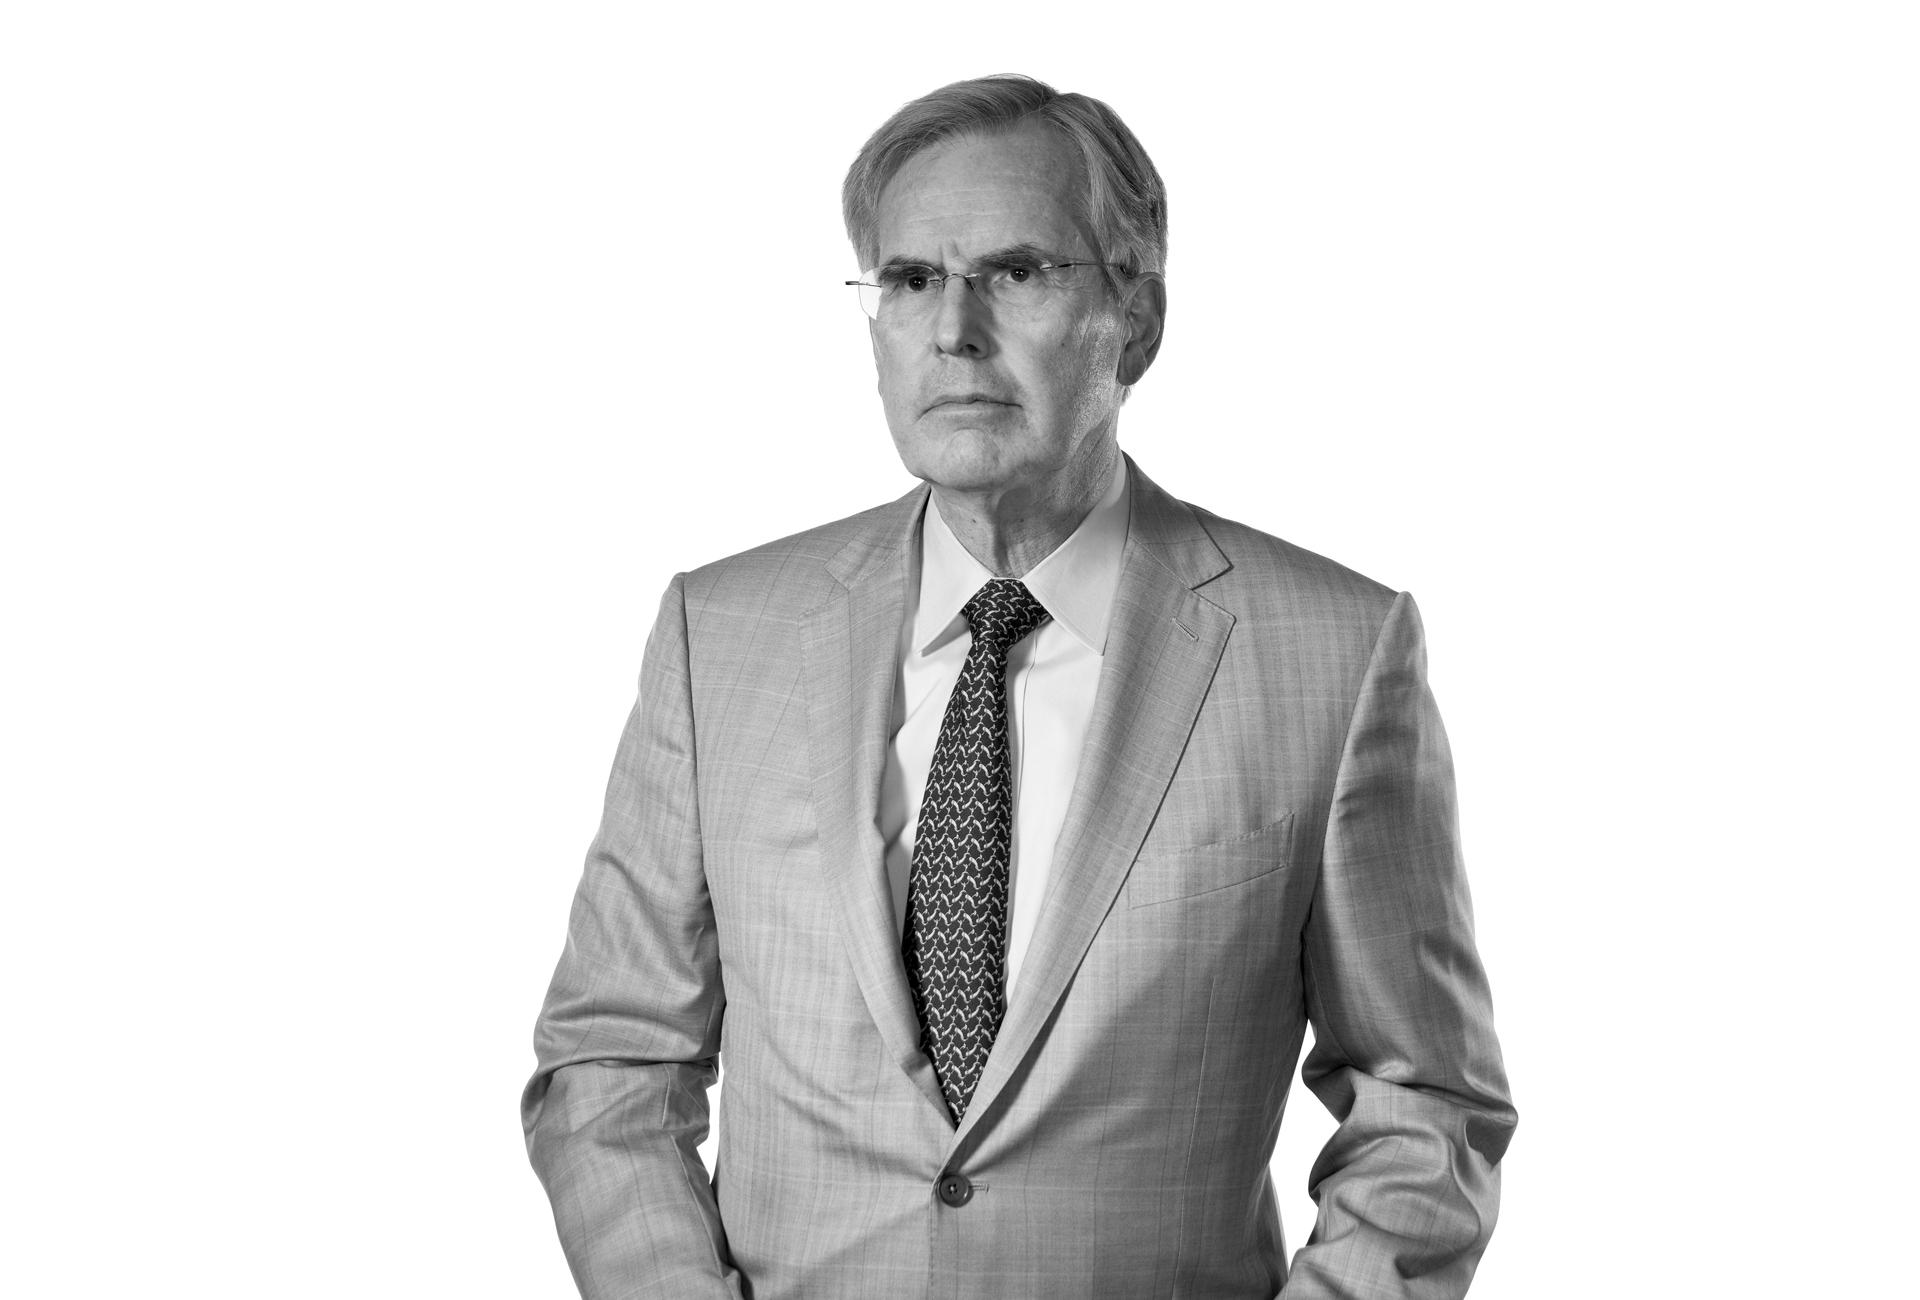 Portrait of Dr. Richard Harper.